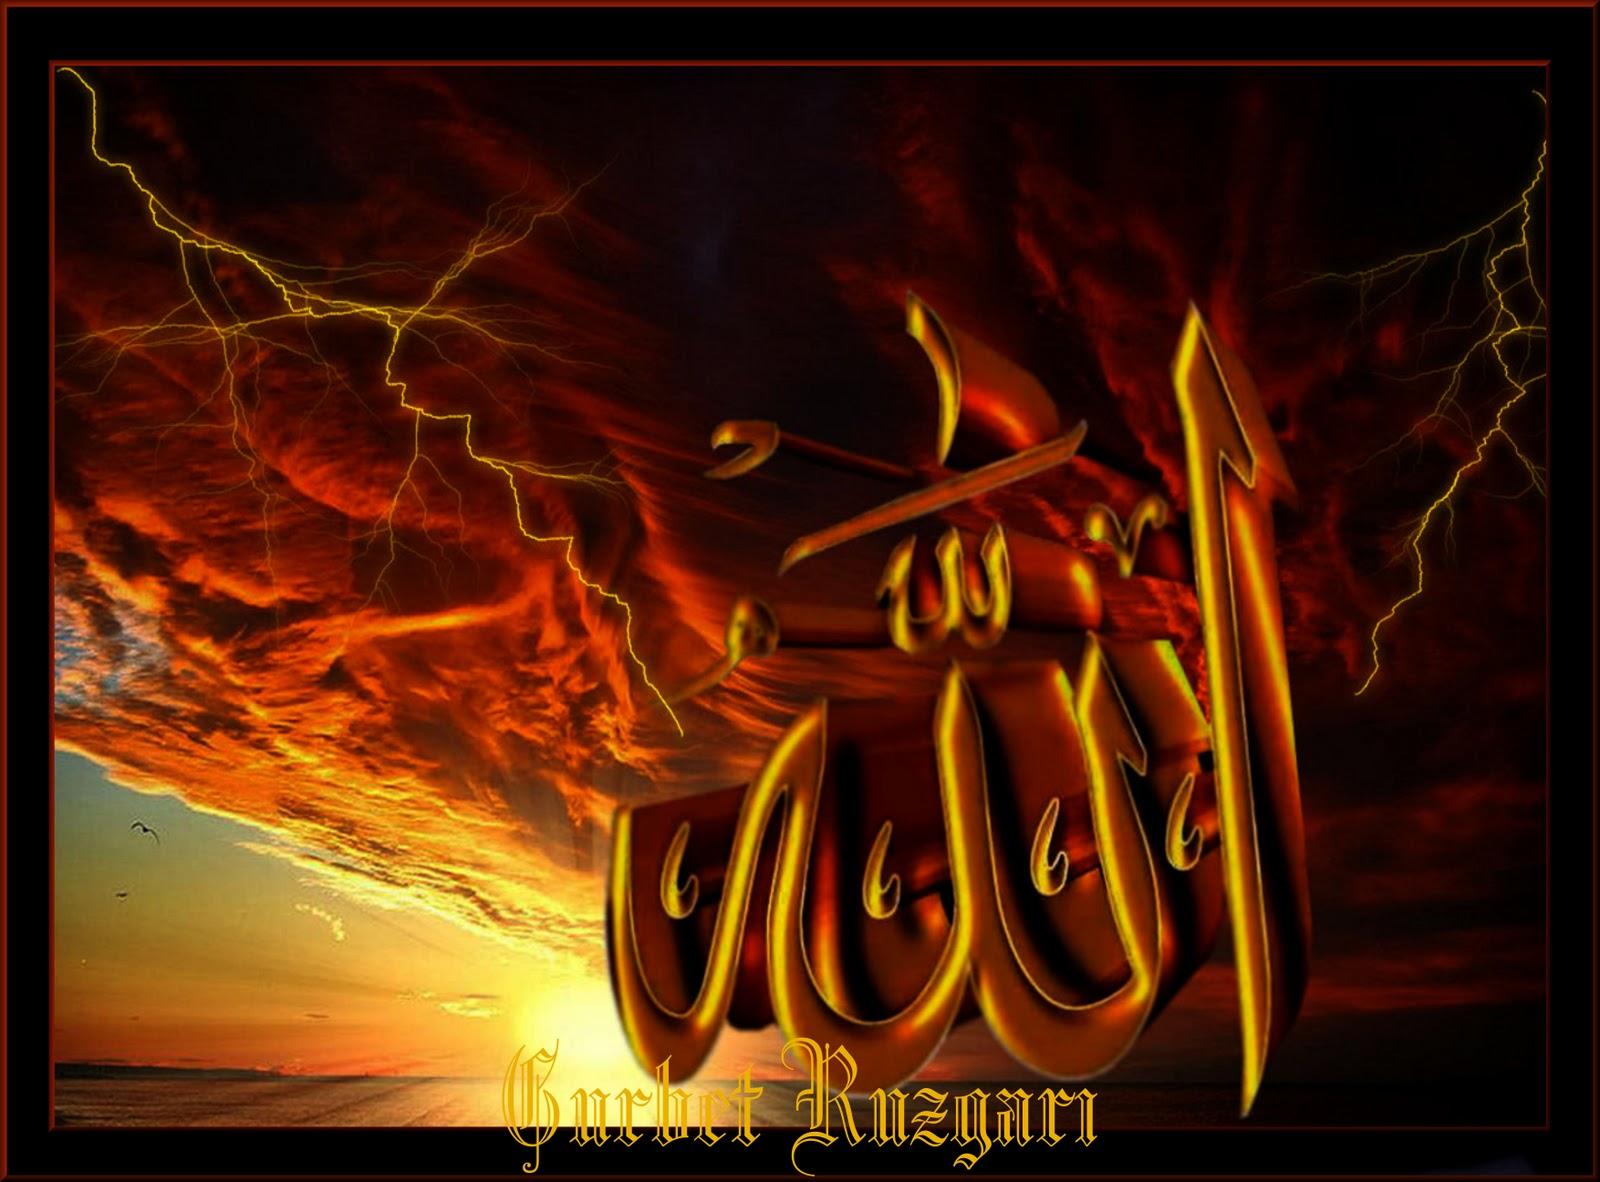 S Name Ka Wallpaper: PAK ISLAM: ALLAH IMAGE